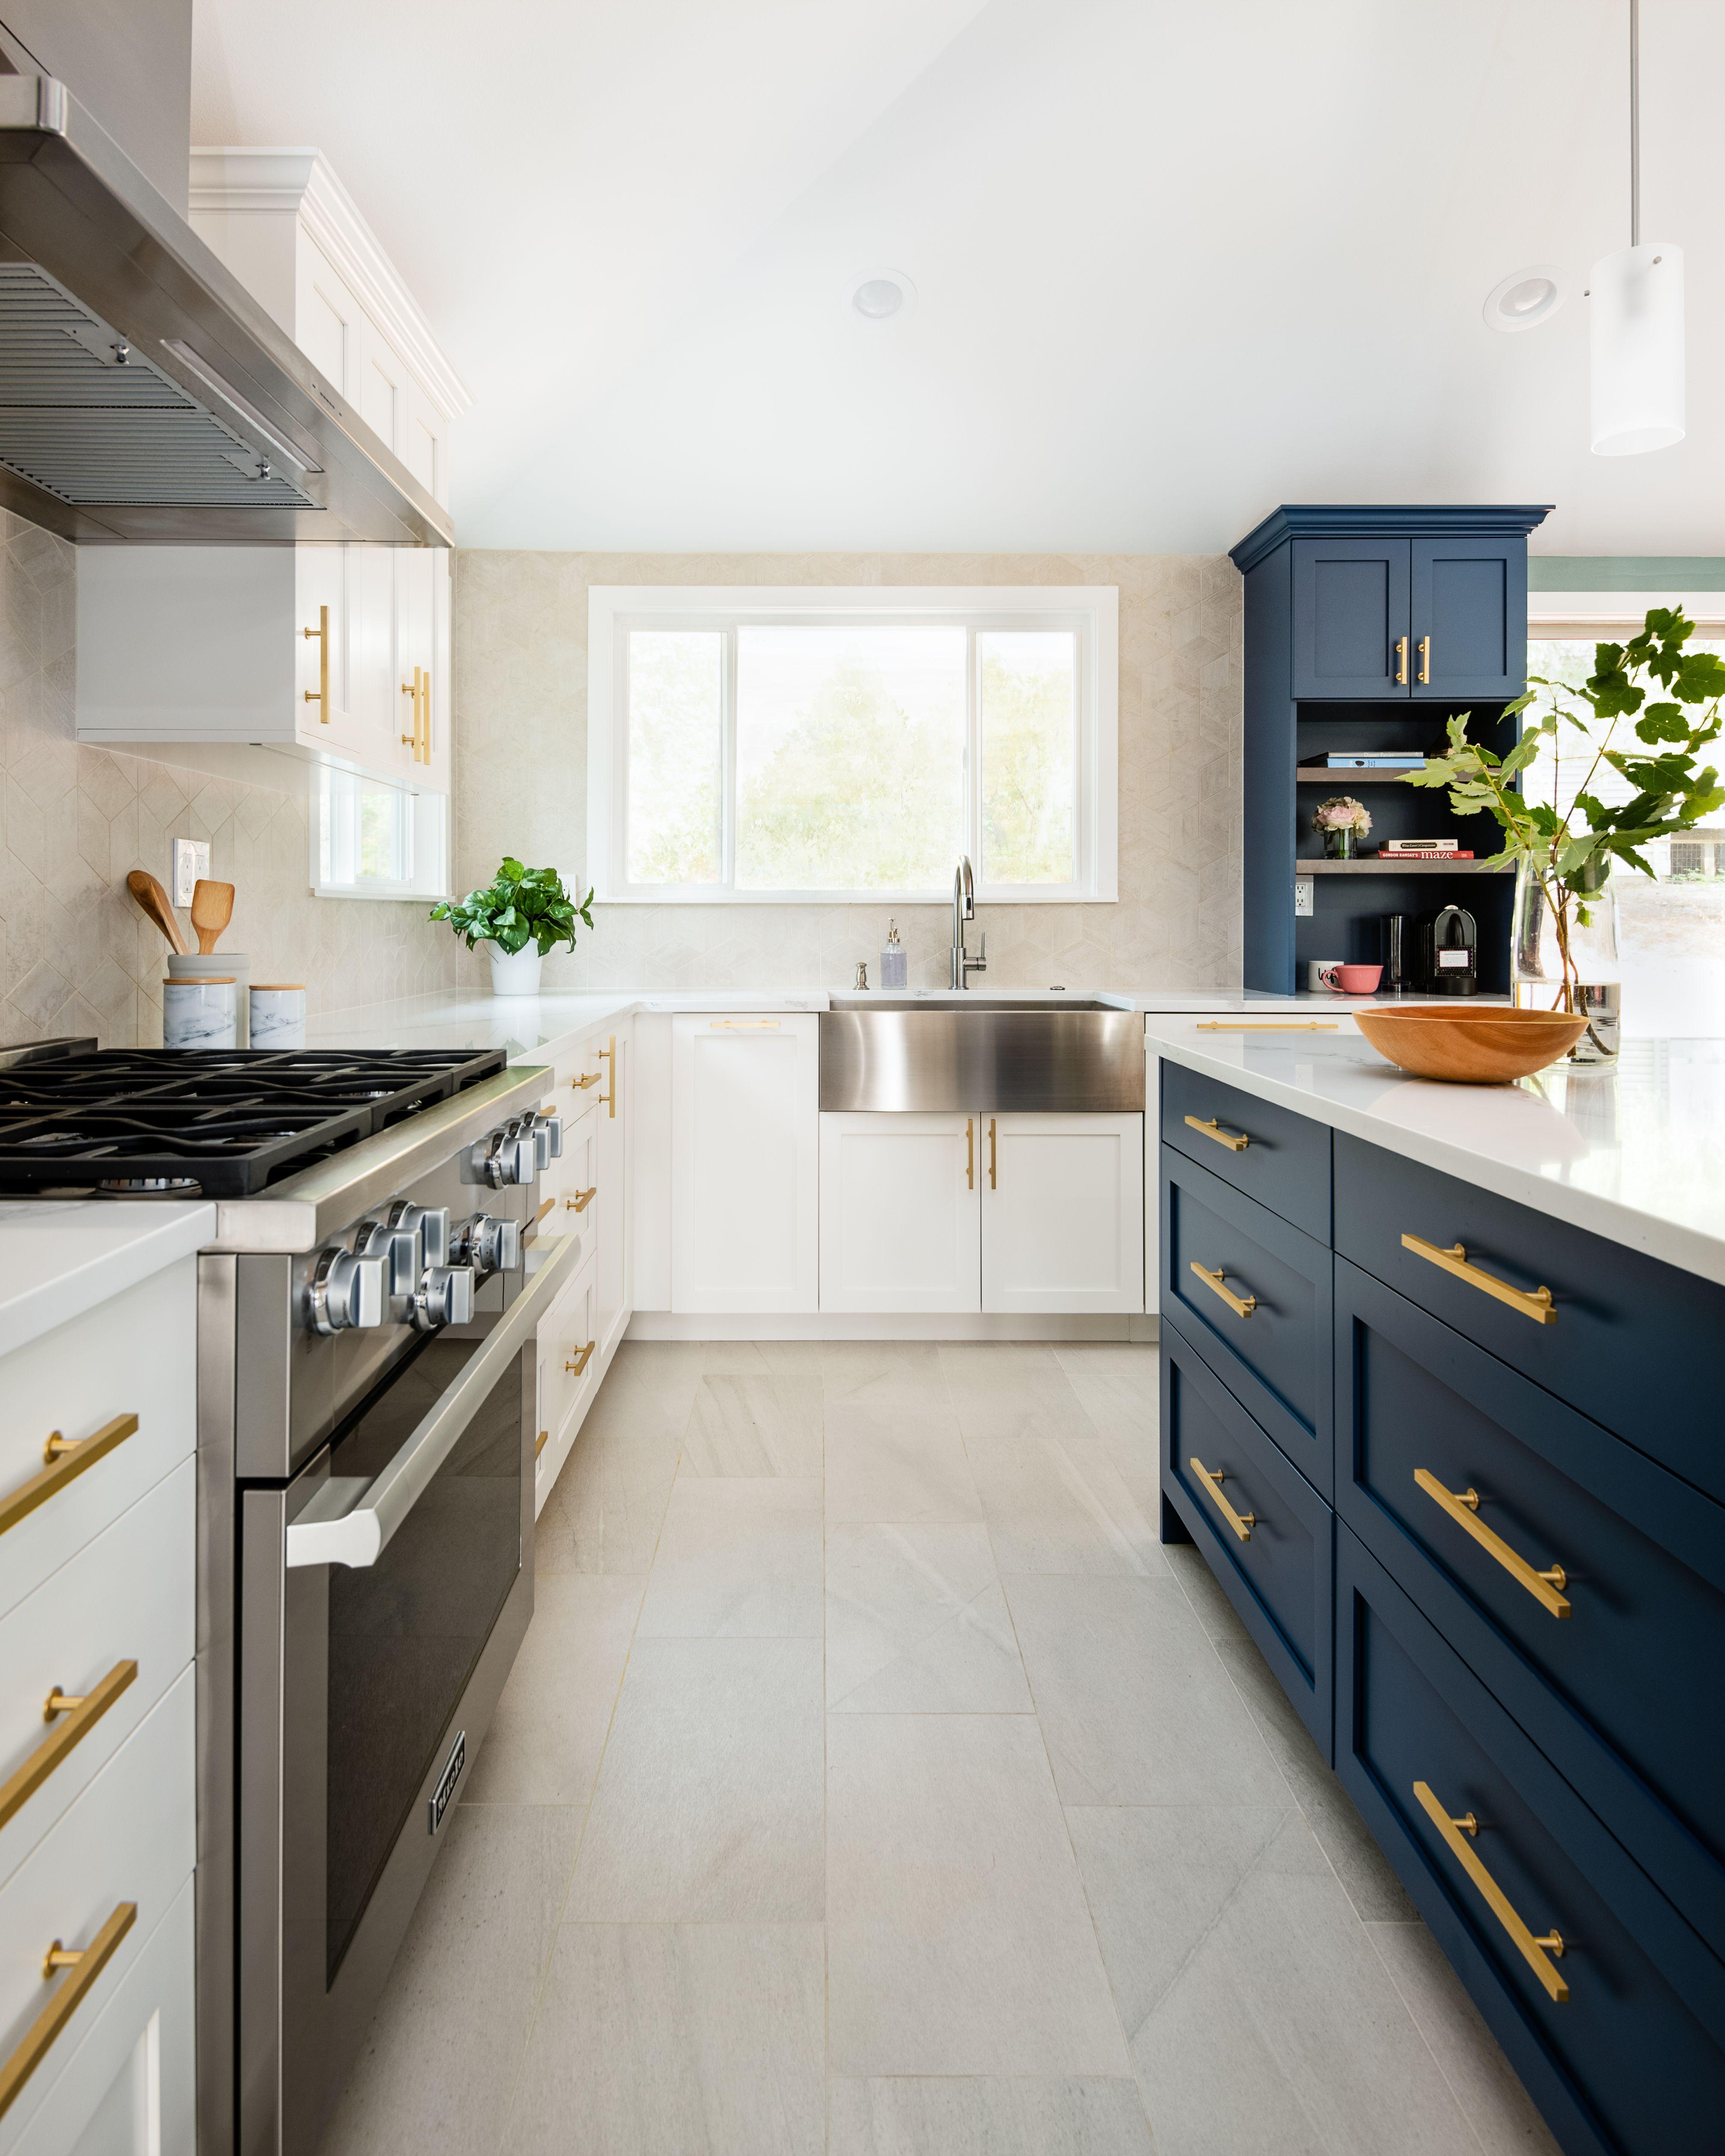 Acadiacraftdesigns Acadiacraft Seattlemodernkitchens Modernkithen Seattledesign Kitchencabinets Modern Bathroom Cabinets Modern Cabinets Modern Kitchen